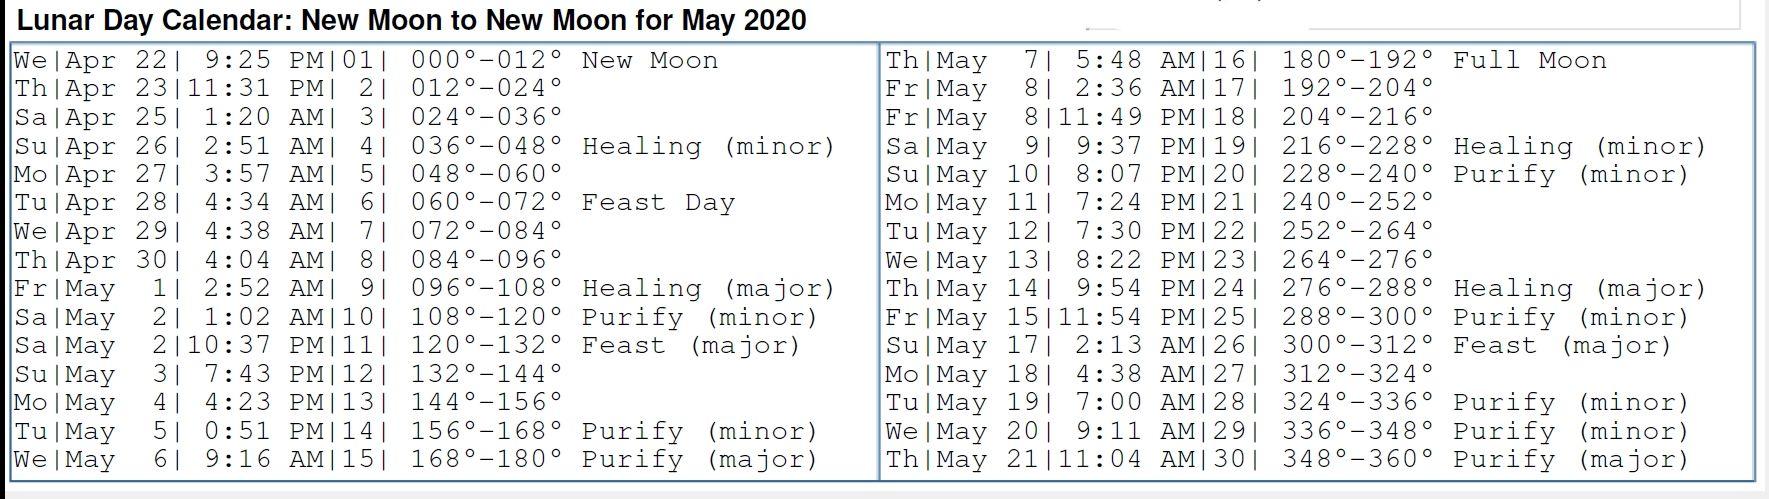 22+ Lunar hair cutting chart 2020 ideas